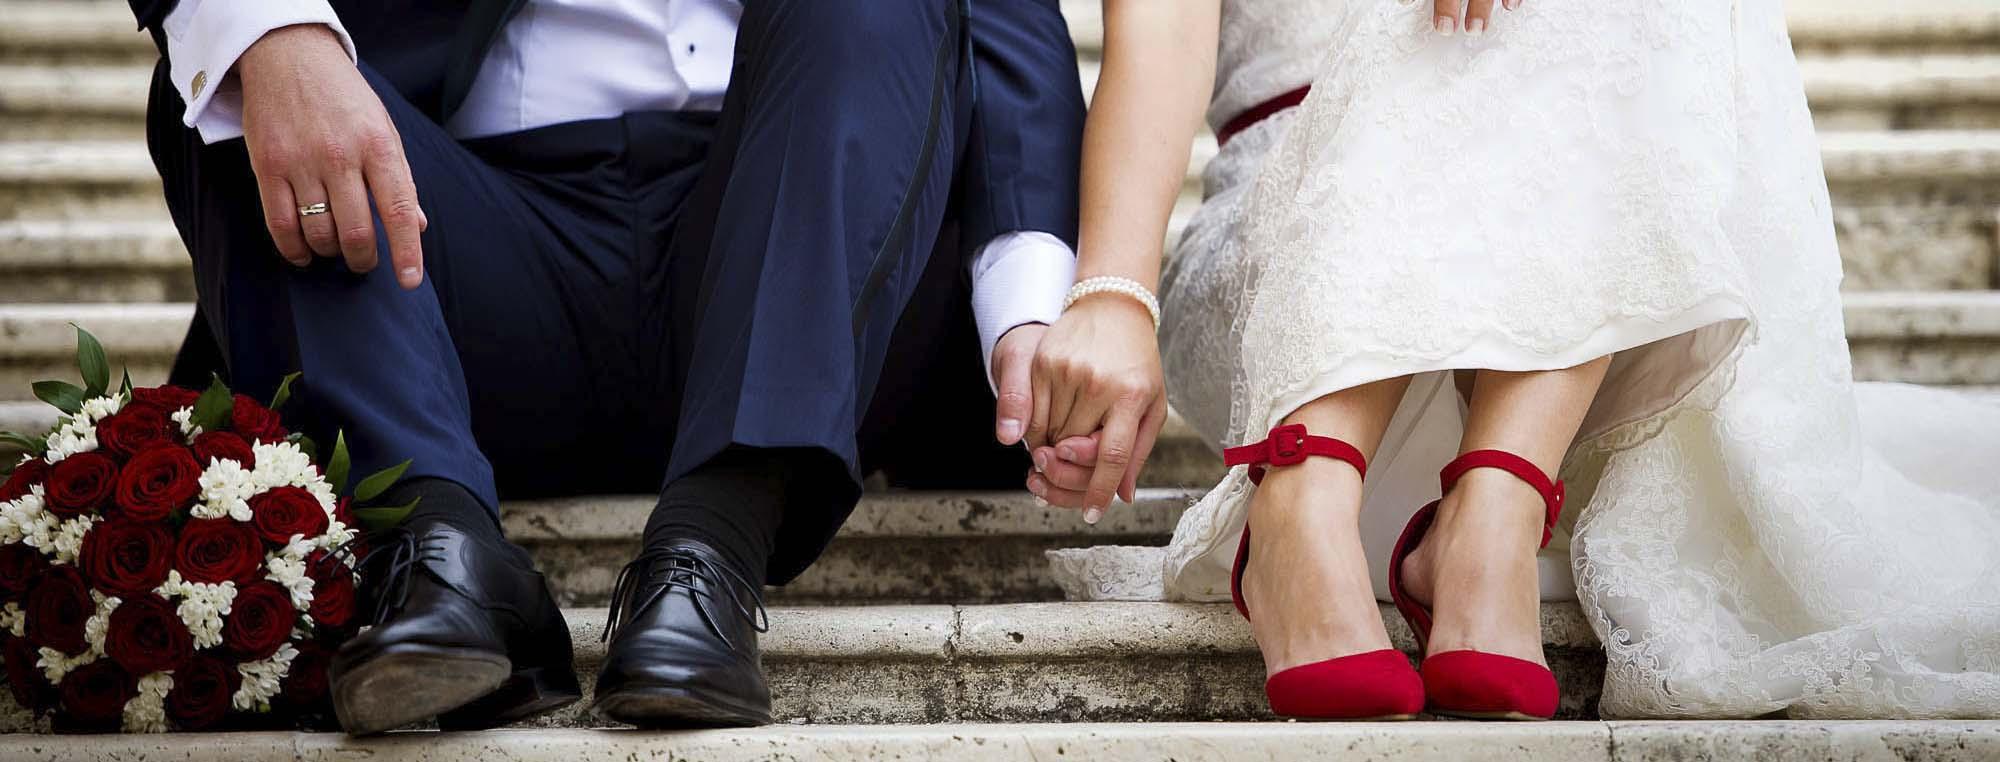 fotografo-matrimonio-video-matrimonio Carpignano Sesia